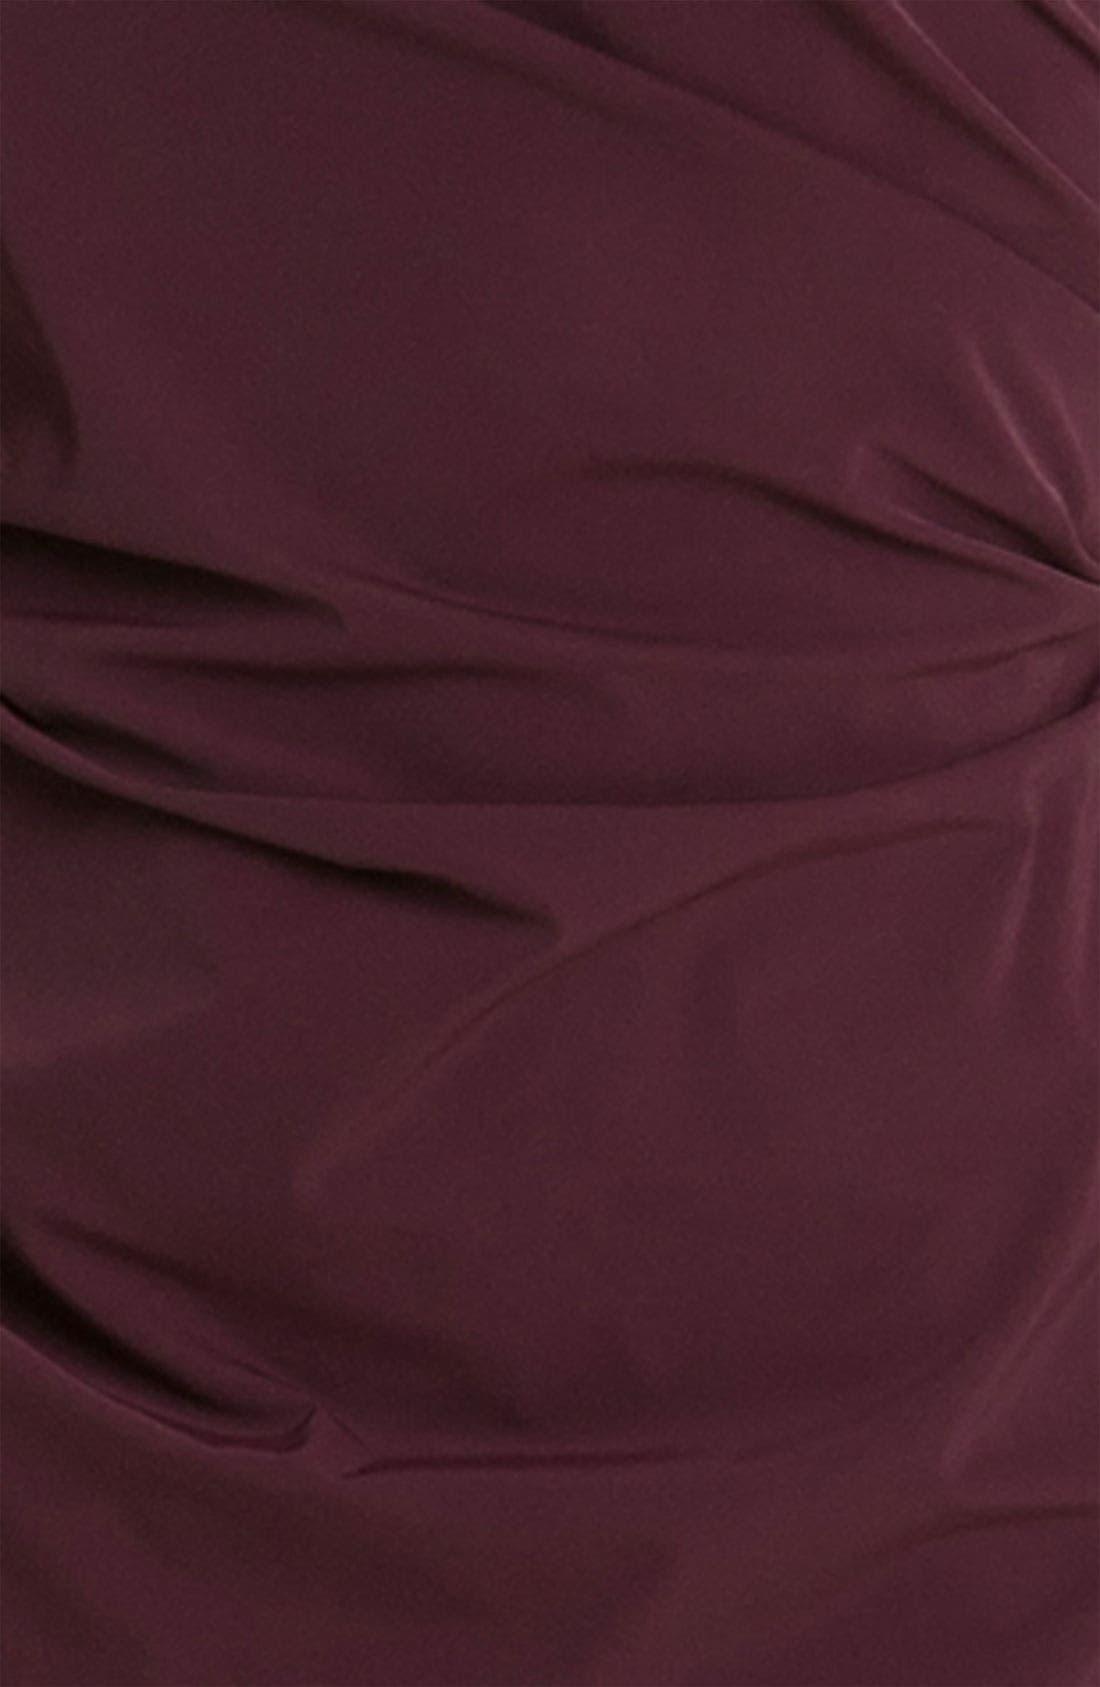 Alternate Image 3  - Diane von Furstenberg 'Gaby' Sheath Dress